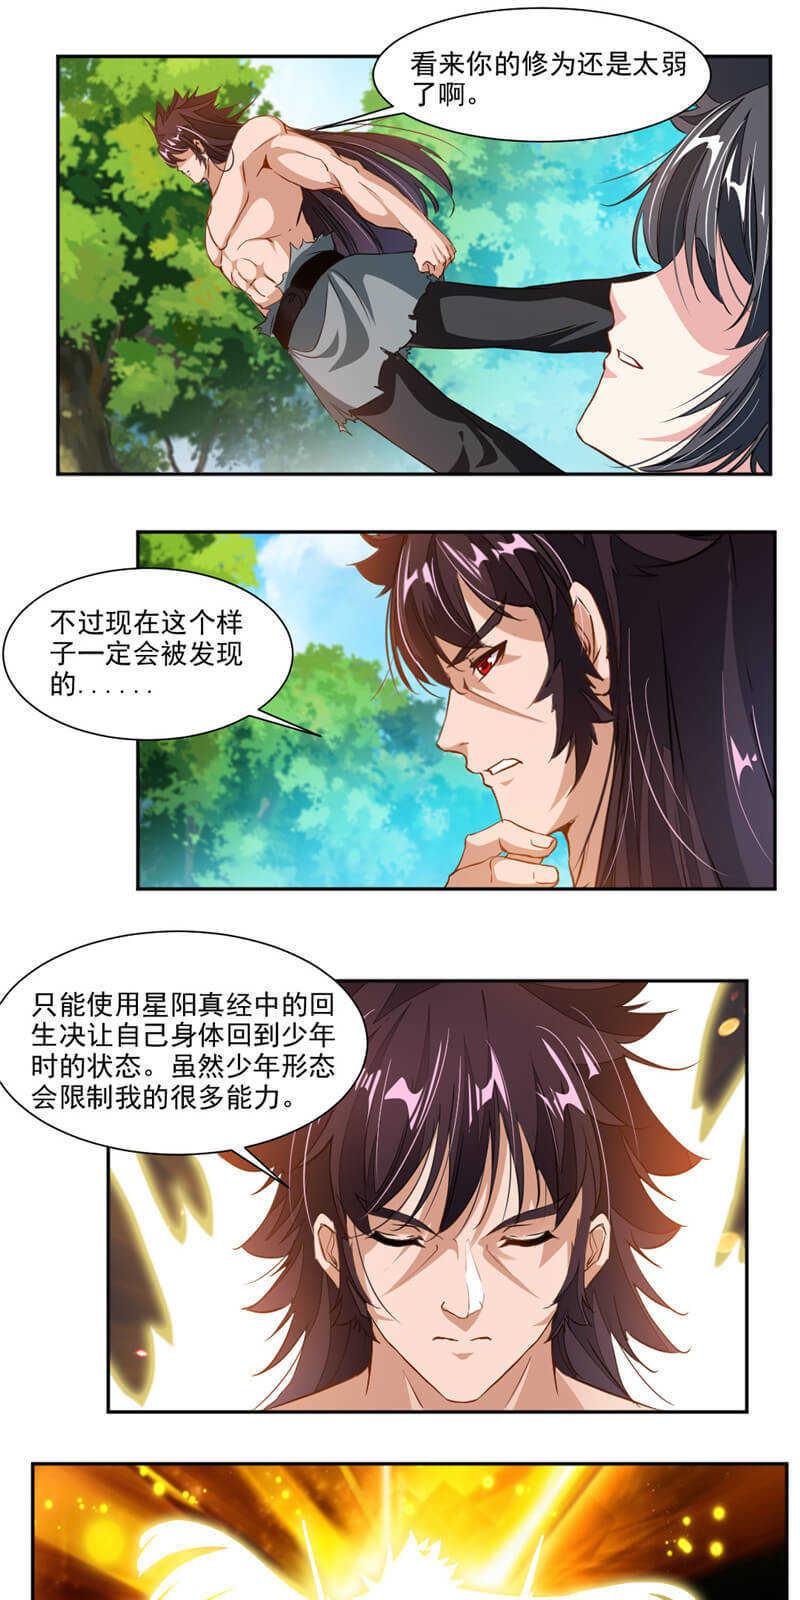 九阳神王第55话  老妖怪变小孩 第 4